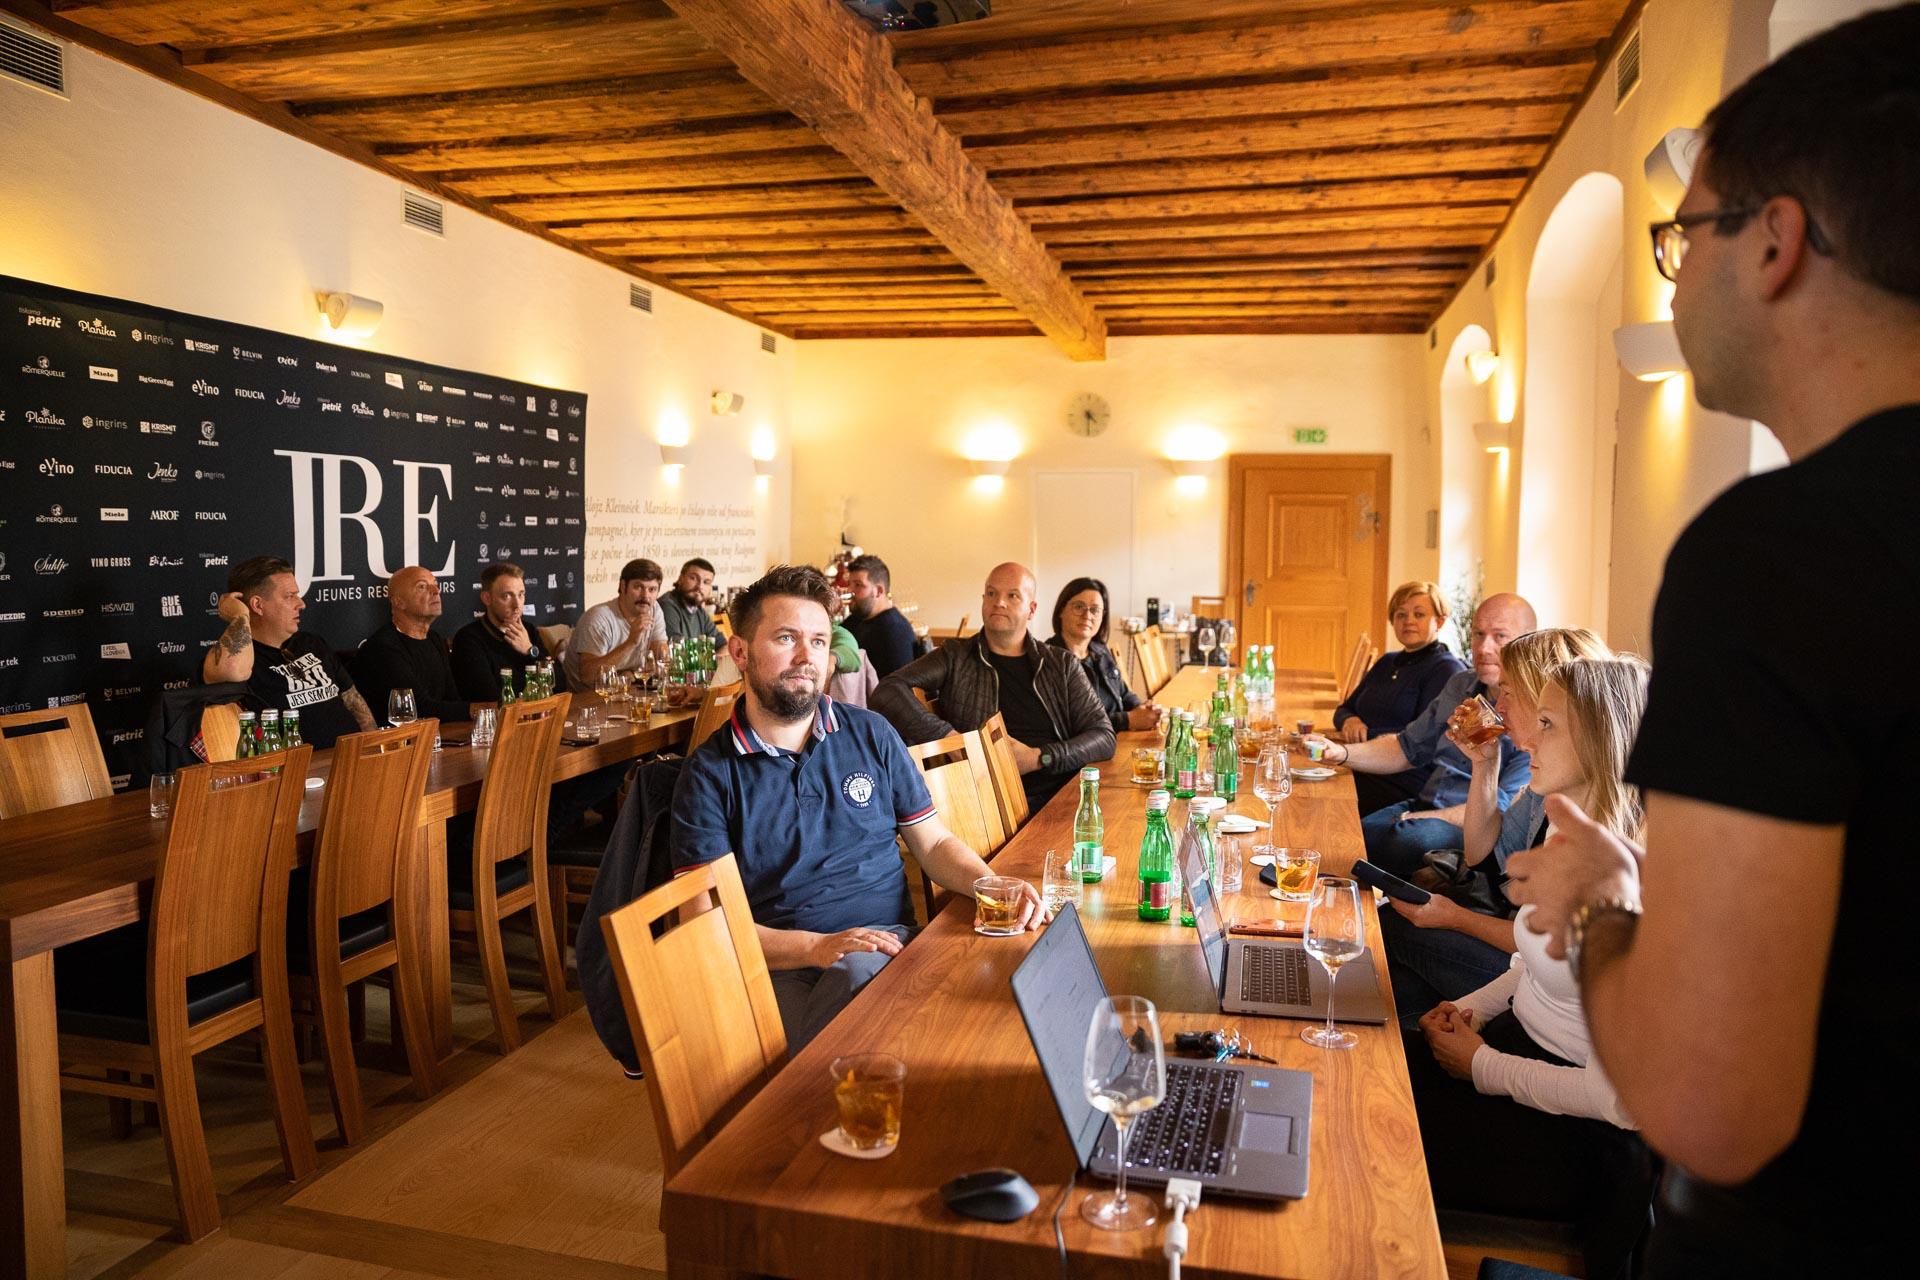 JRE sestanek foto Rok Deželak